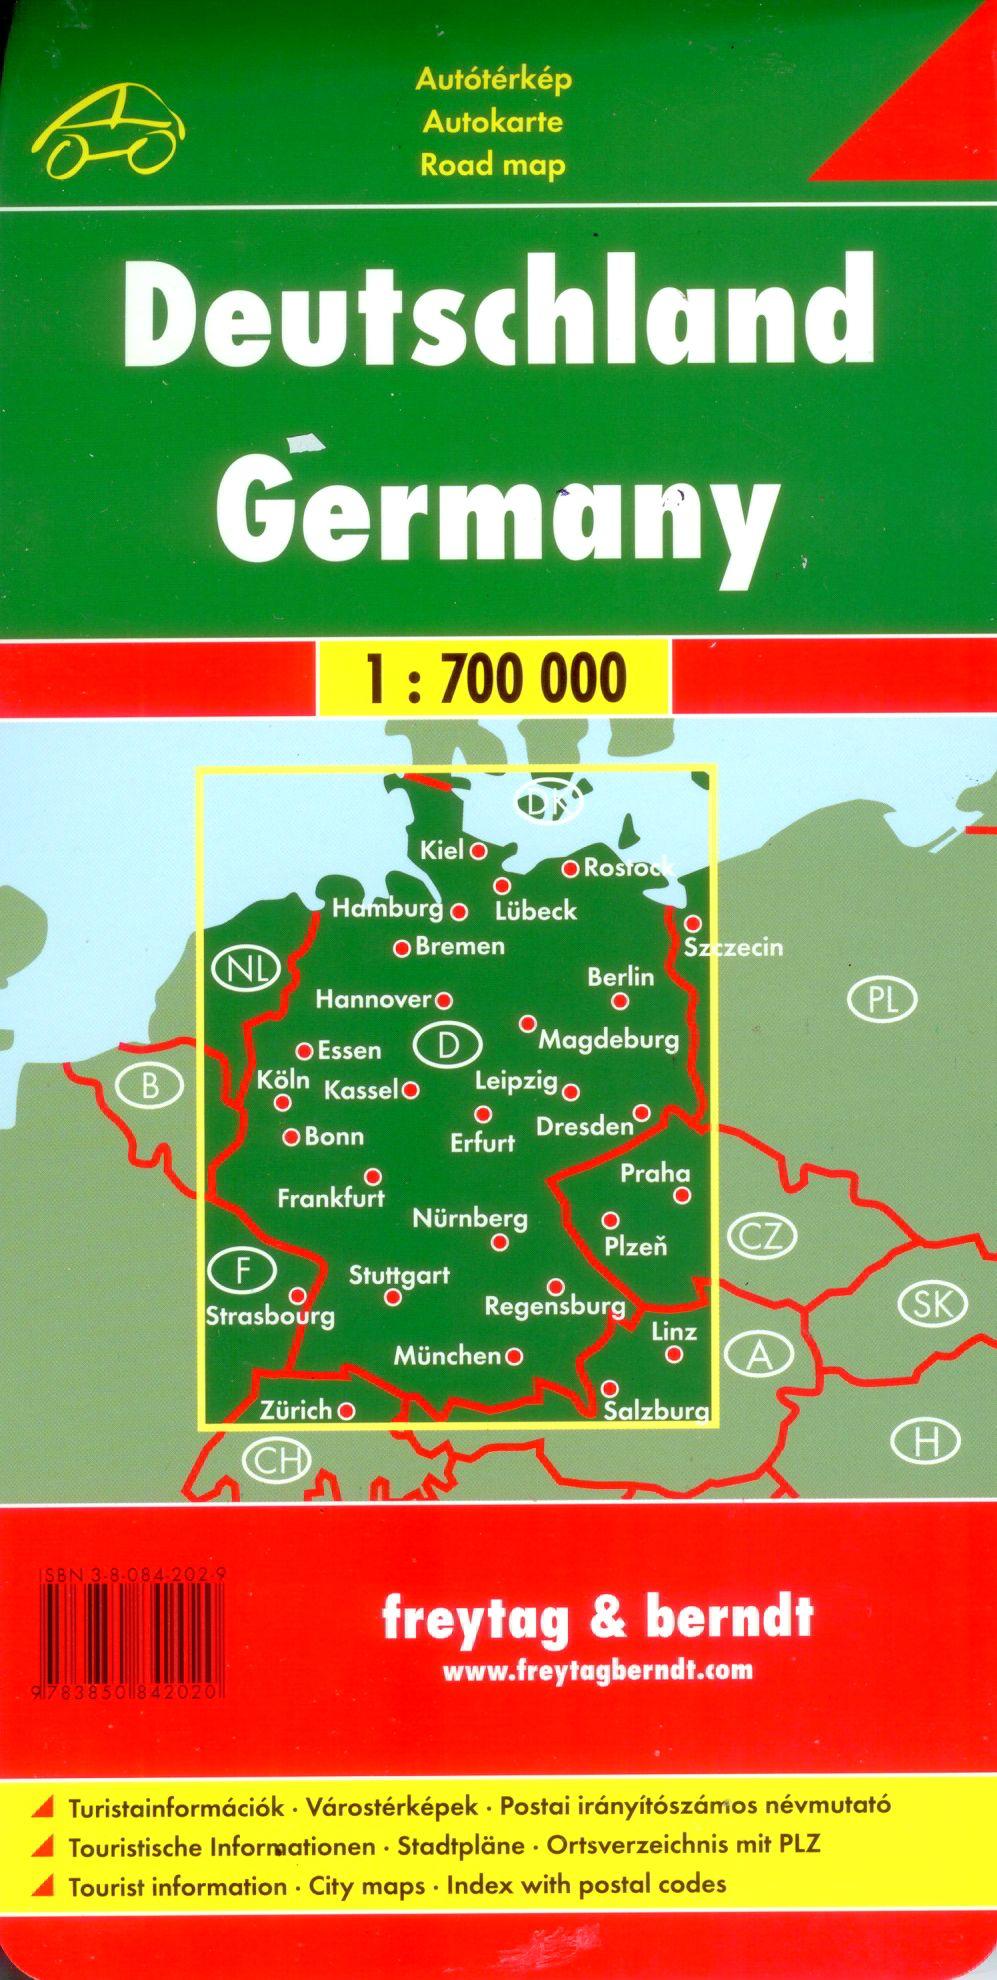 A Németország autótérkép által lefedett terület